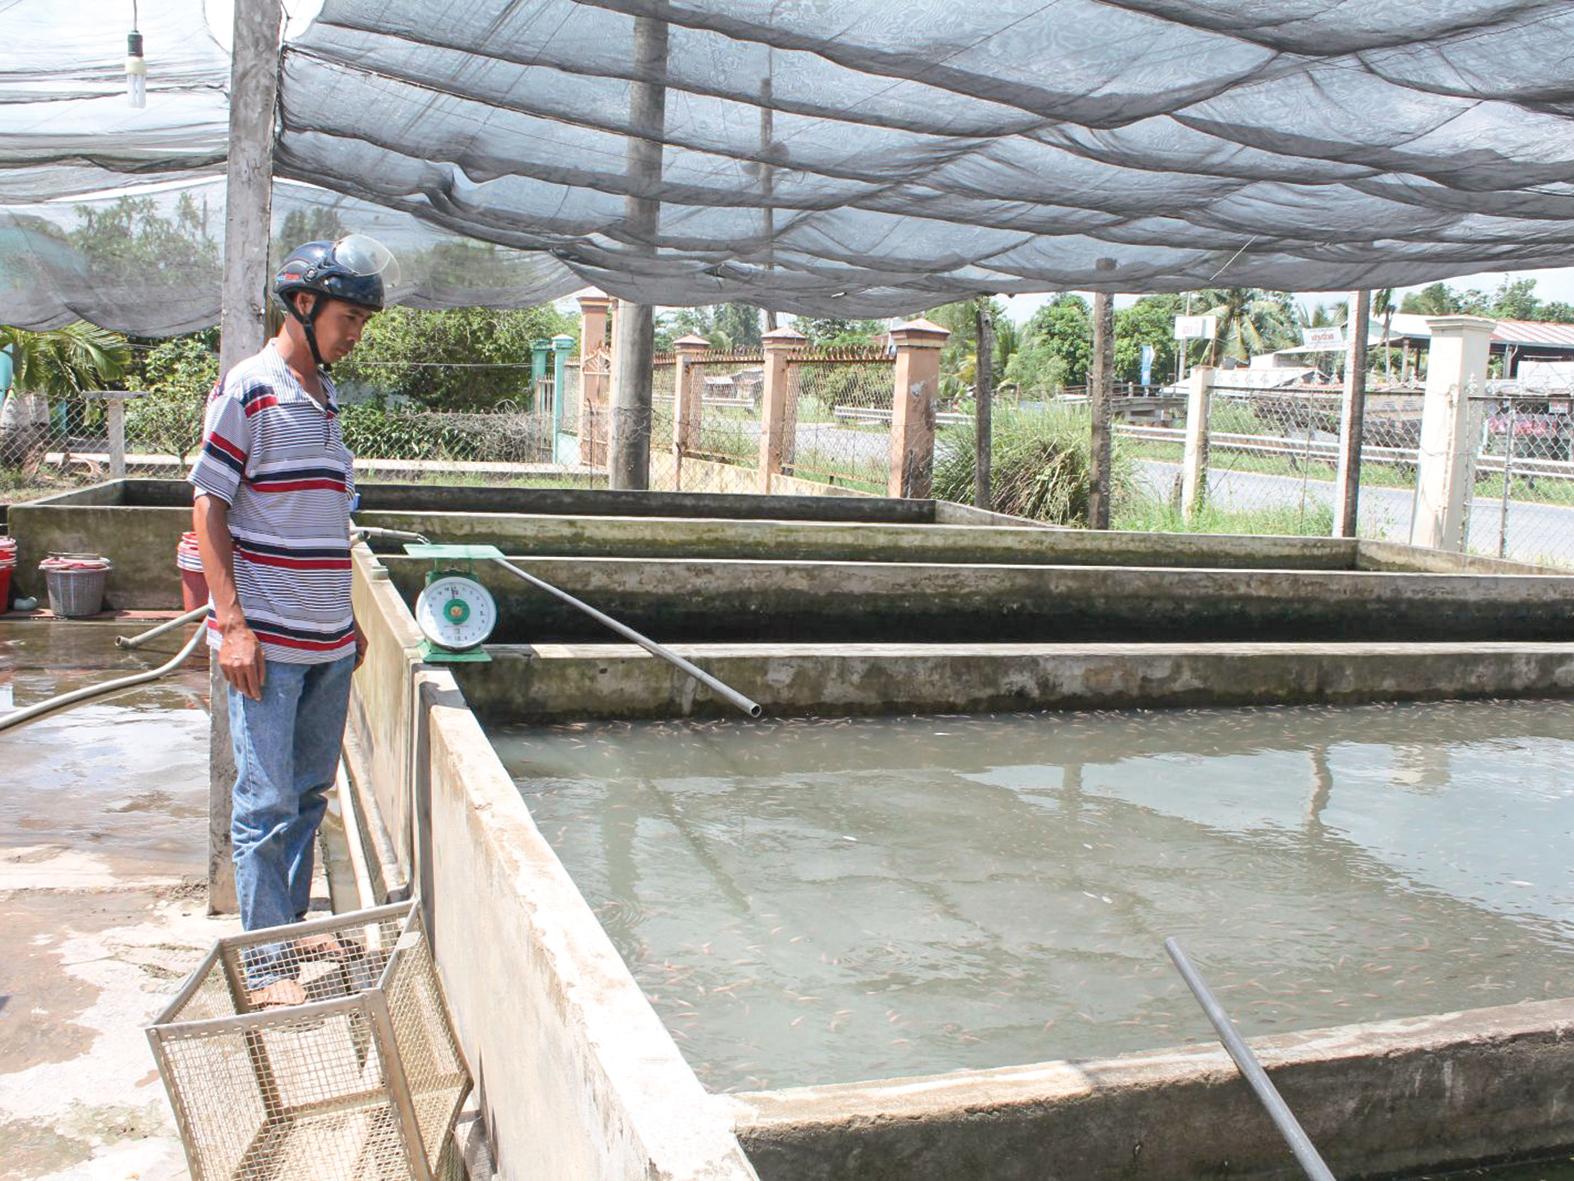 Người dân đến chọn mua cá giống tại một cơ sở sản xuất kinh doanh cá giống ở quận Ô Môn, TP Cần Thơ.